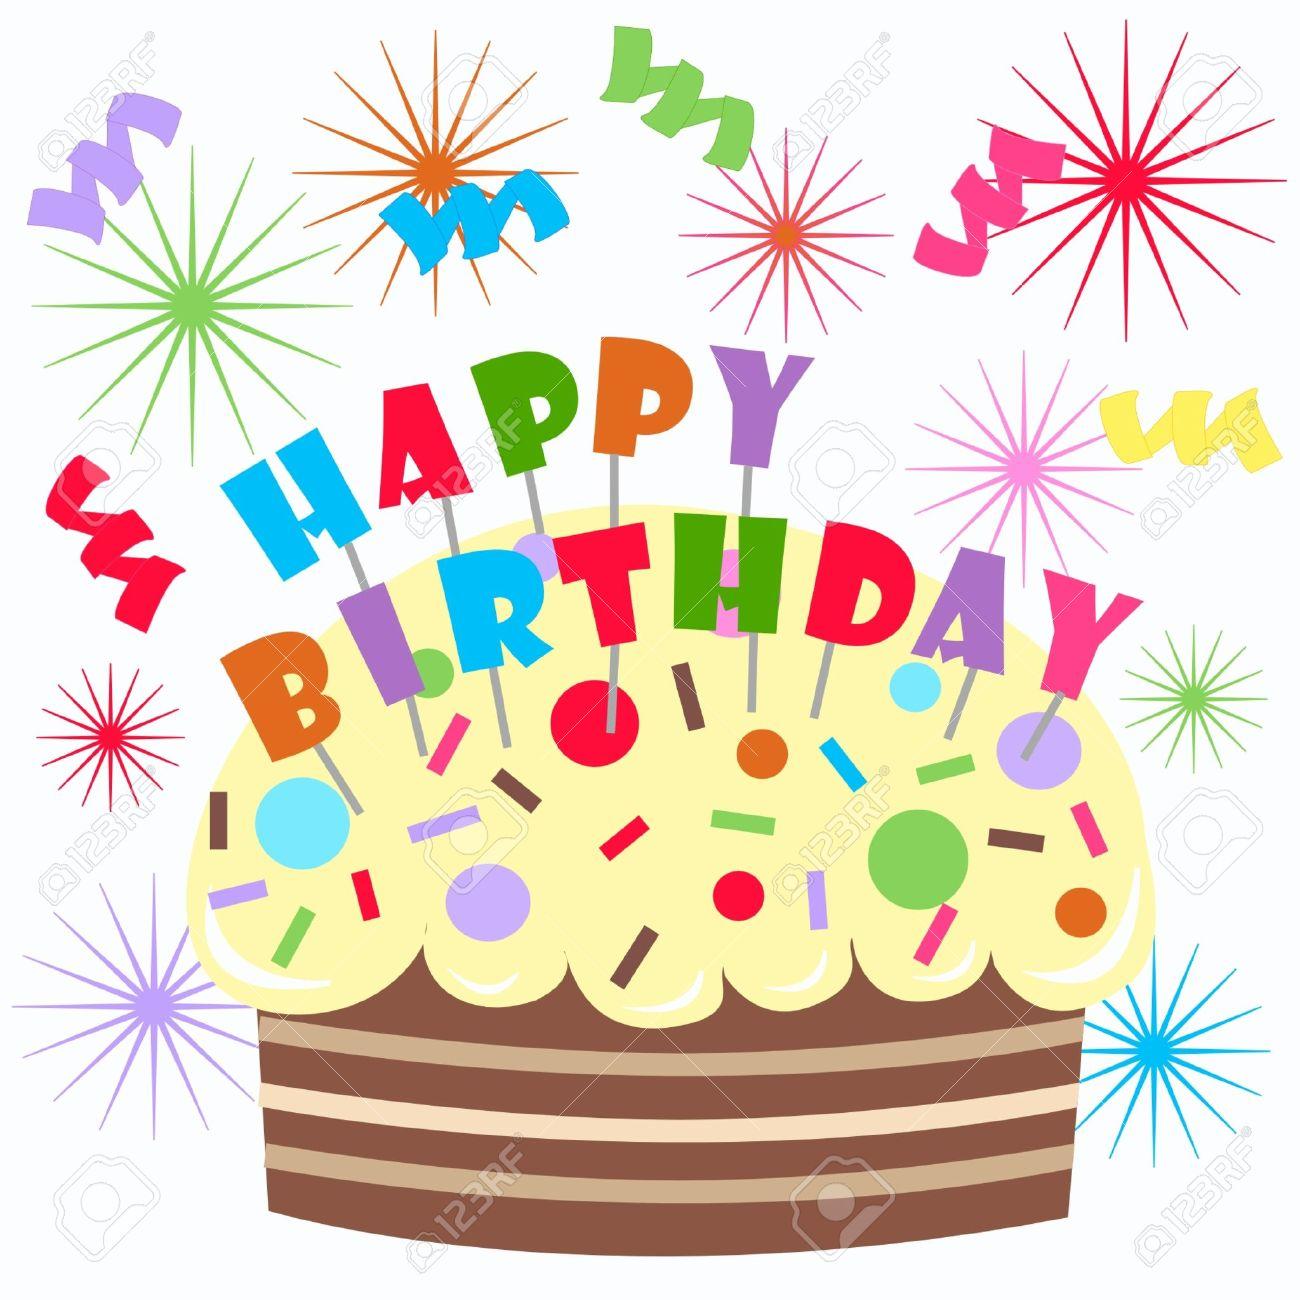 お誕生日おめでとうのイラスト素材ベクタ Image 8767364